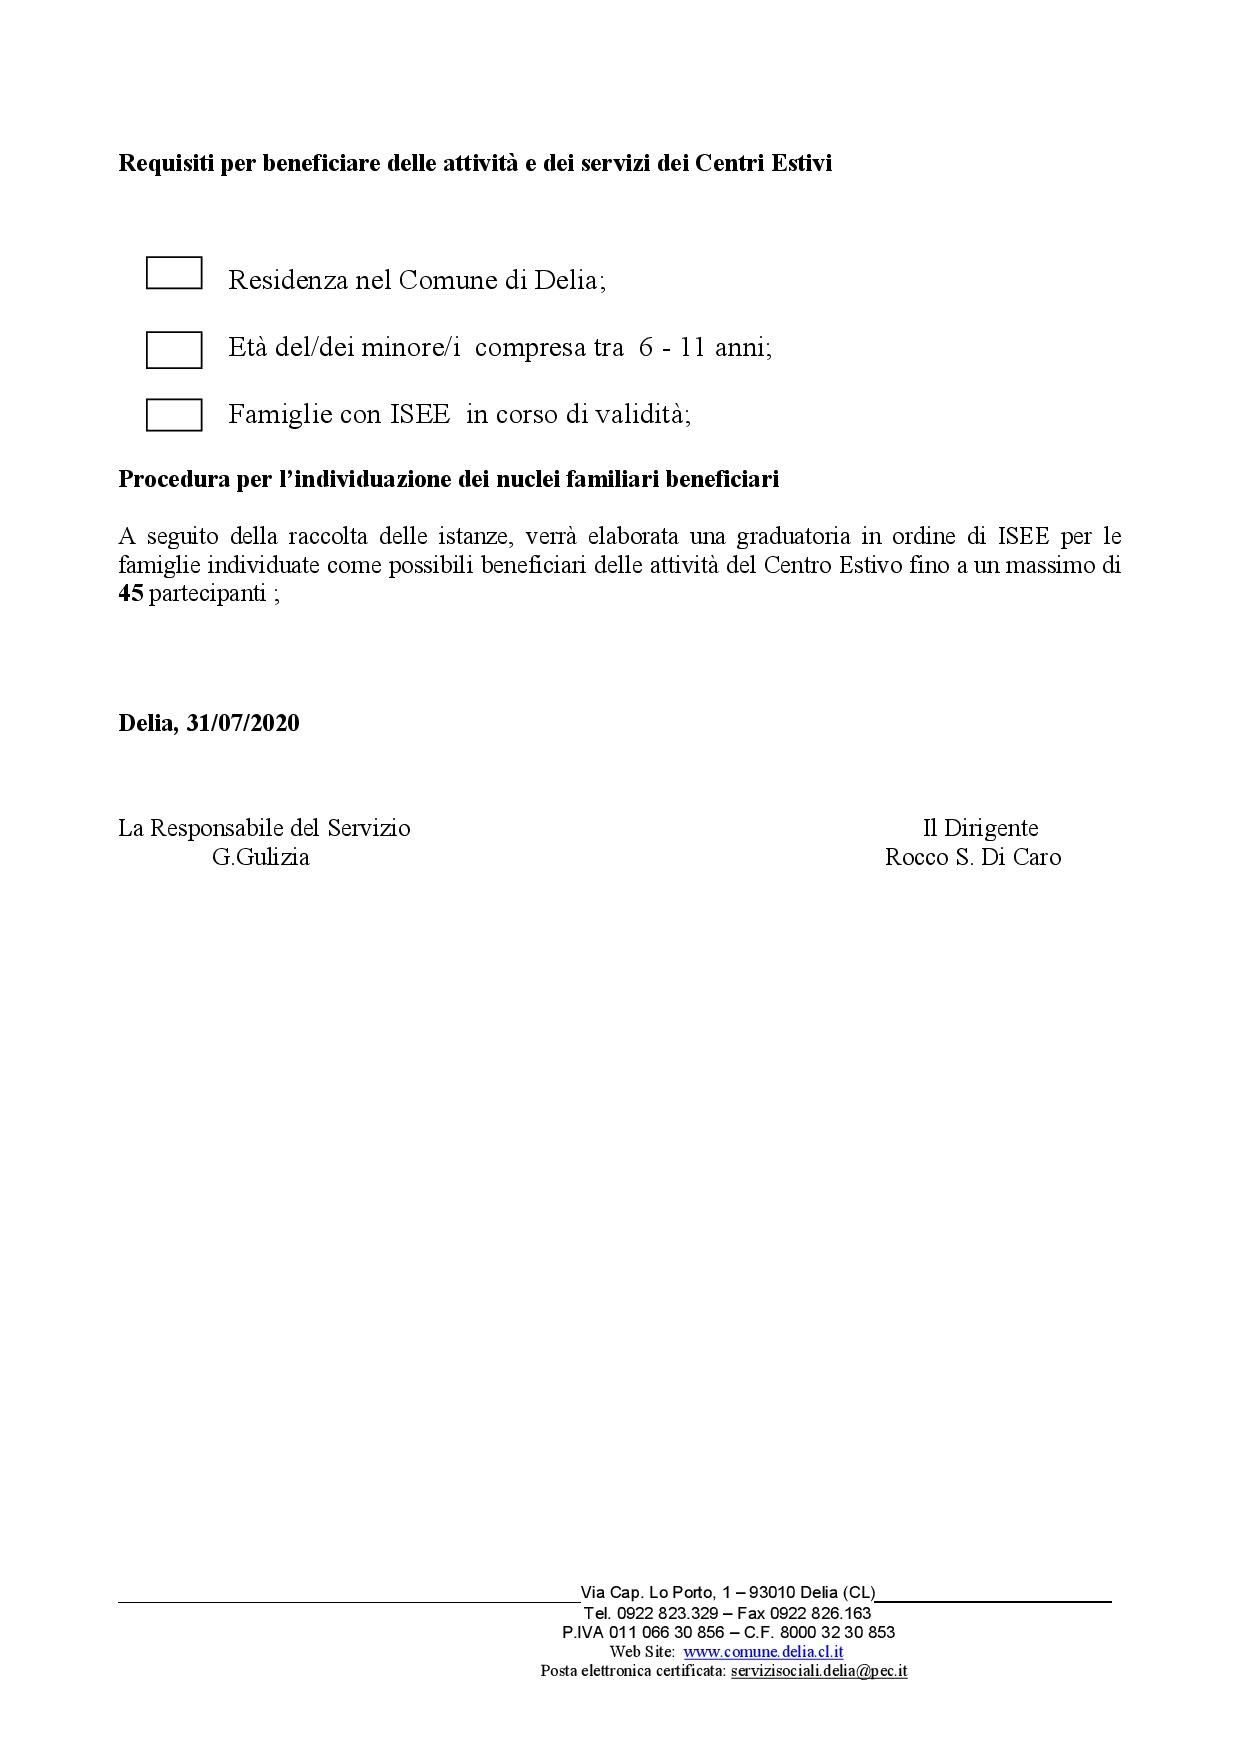 avviso_pubblico_centro_estivo_2020.pdf.p7m-002